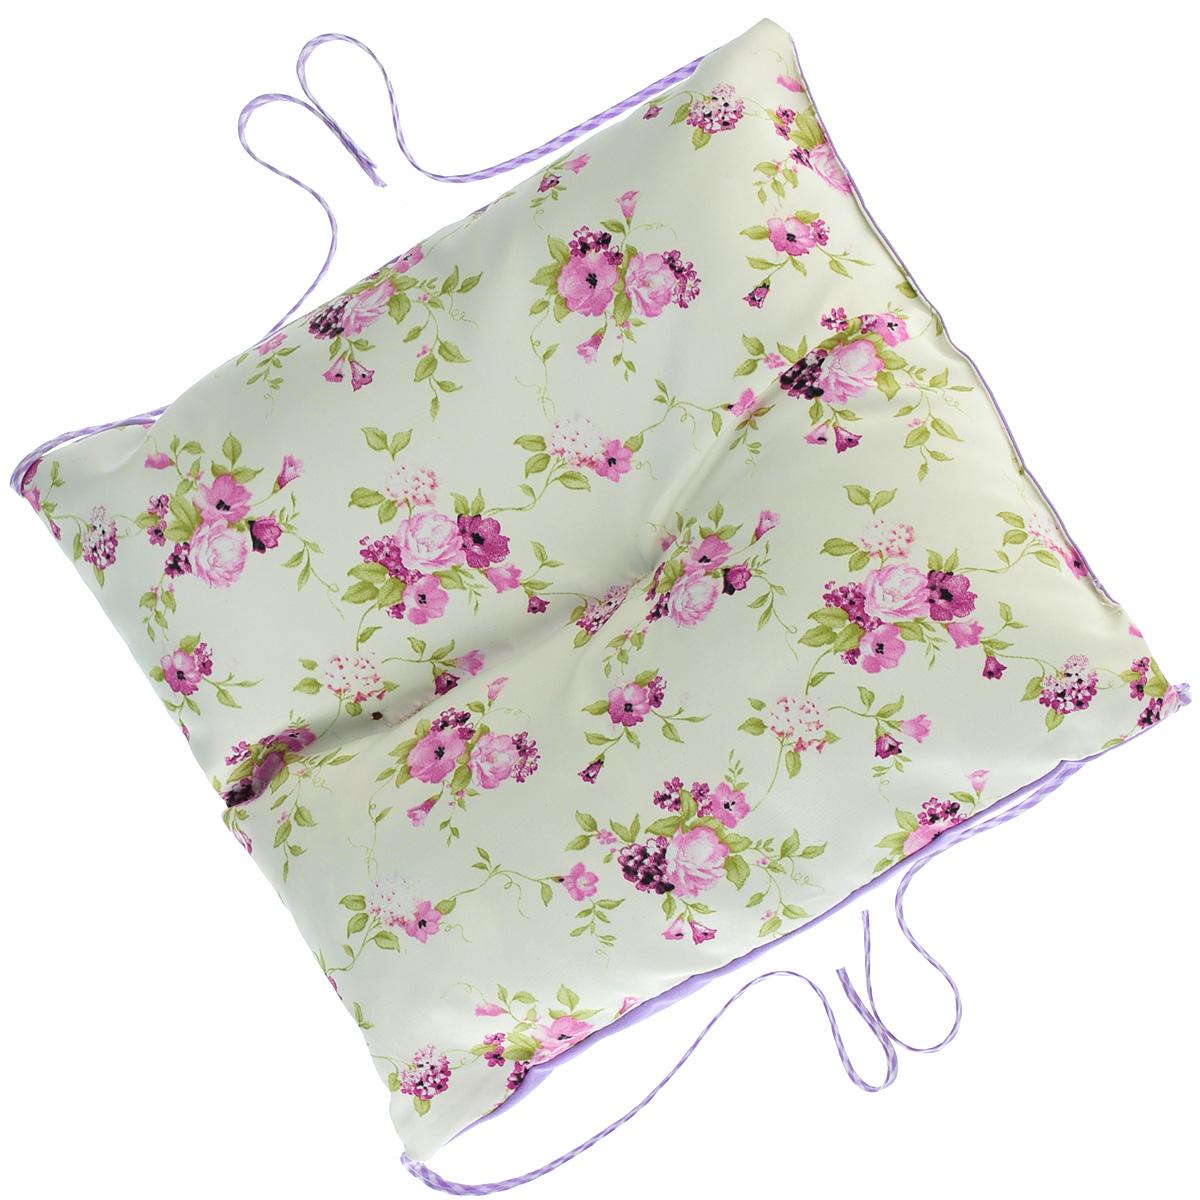 Подушка для стула Garden, 40 см х 40 см. ск 9162 w1985 v1 спутник 1985 купить украина одежда